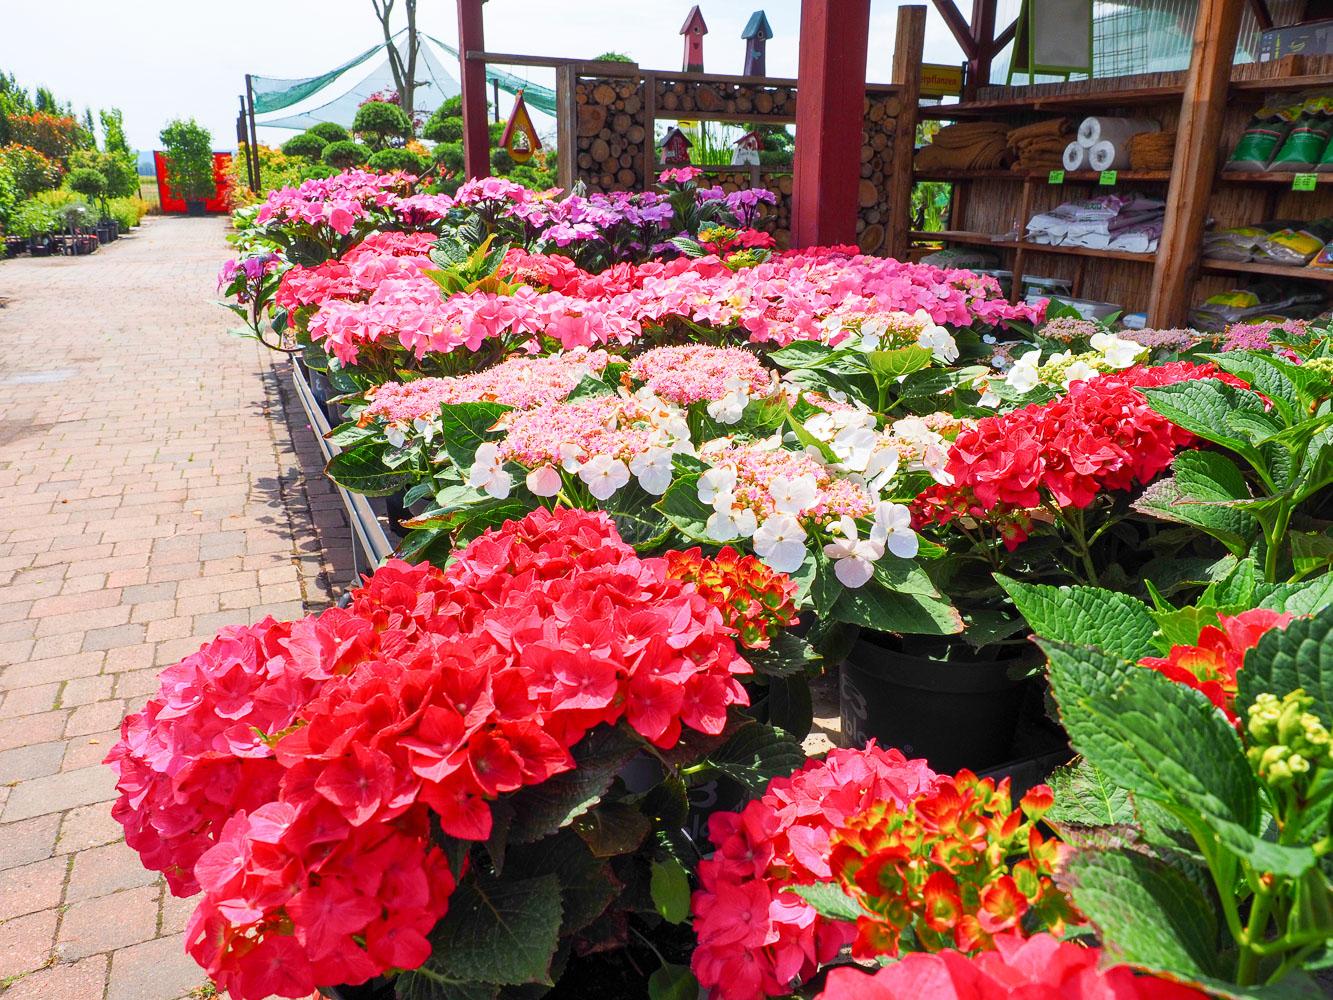 Hortensien kapraun pflanzencenter und individuelle for Gartengestaltung mit buchs und hortensien